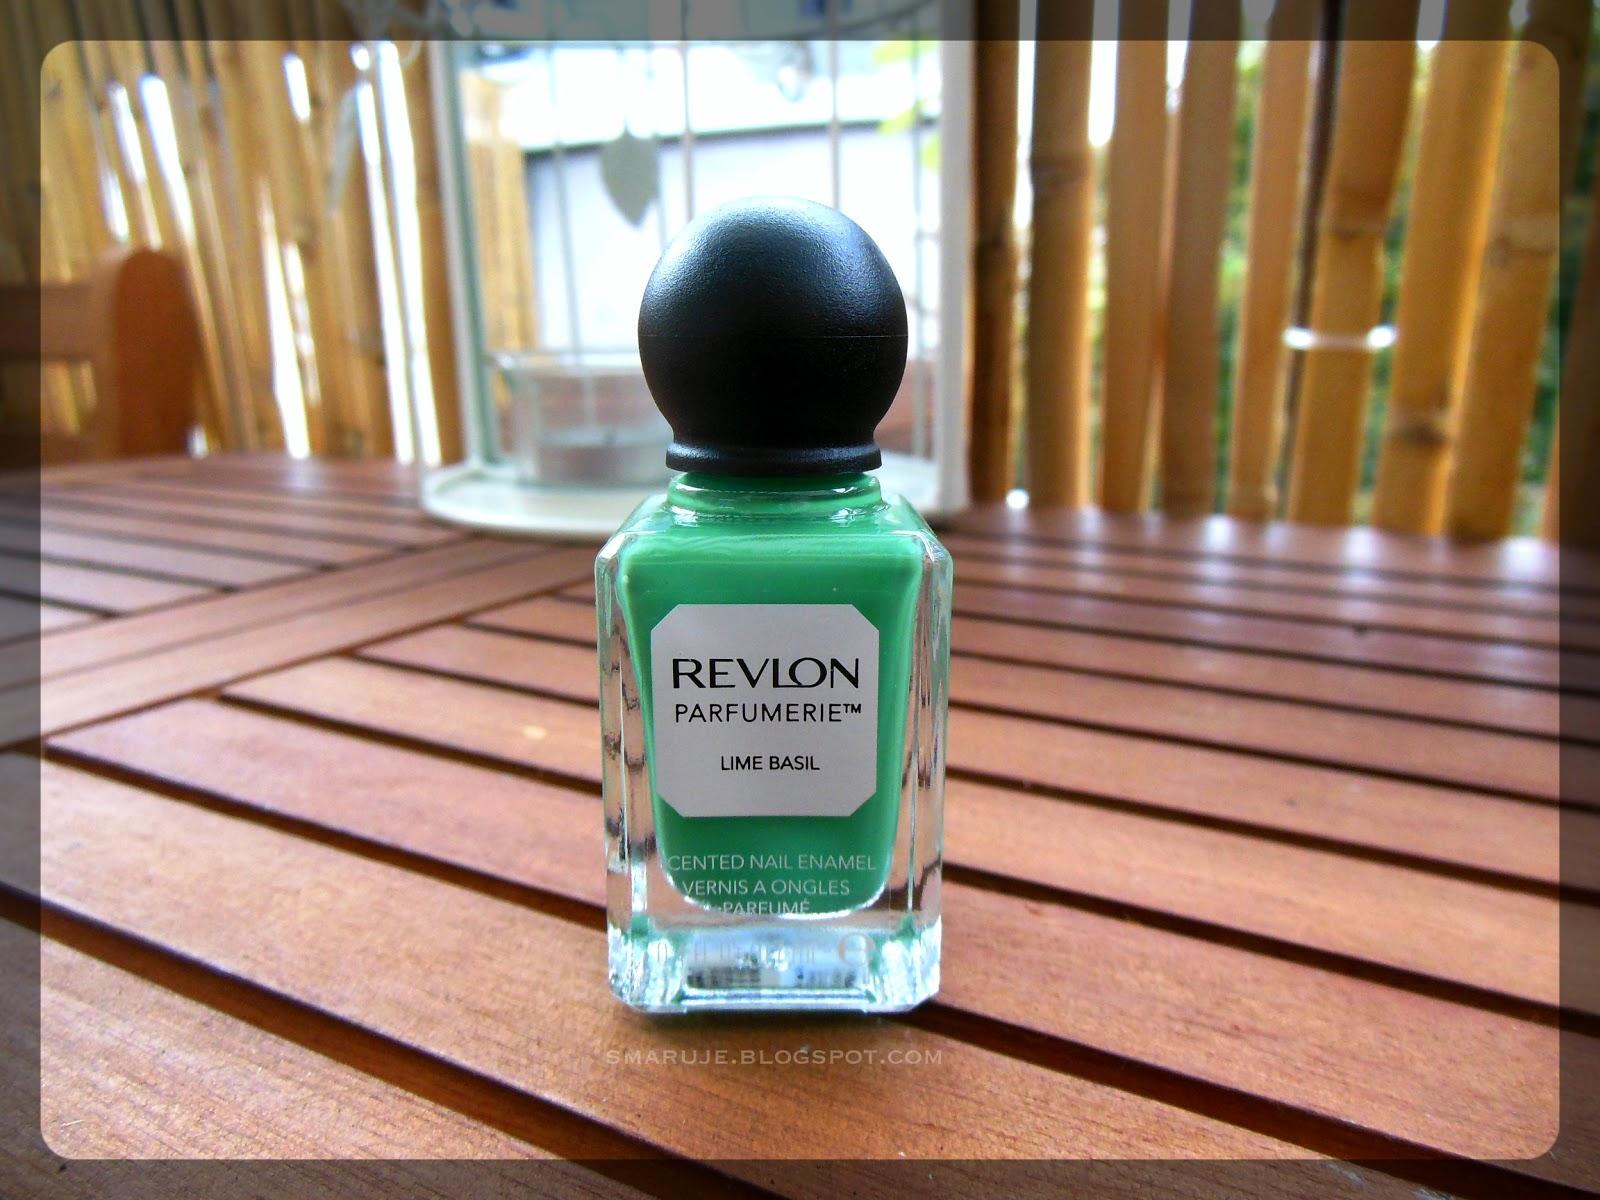 Jestem zielony i śmierdzę: Revlon Parfumerie nr 075 Lime Basil